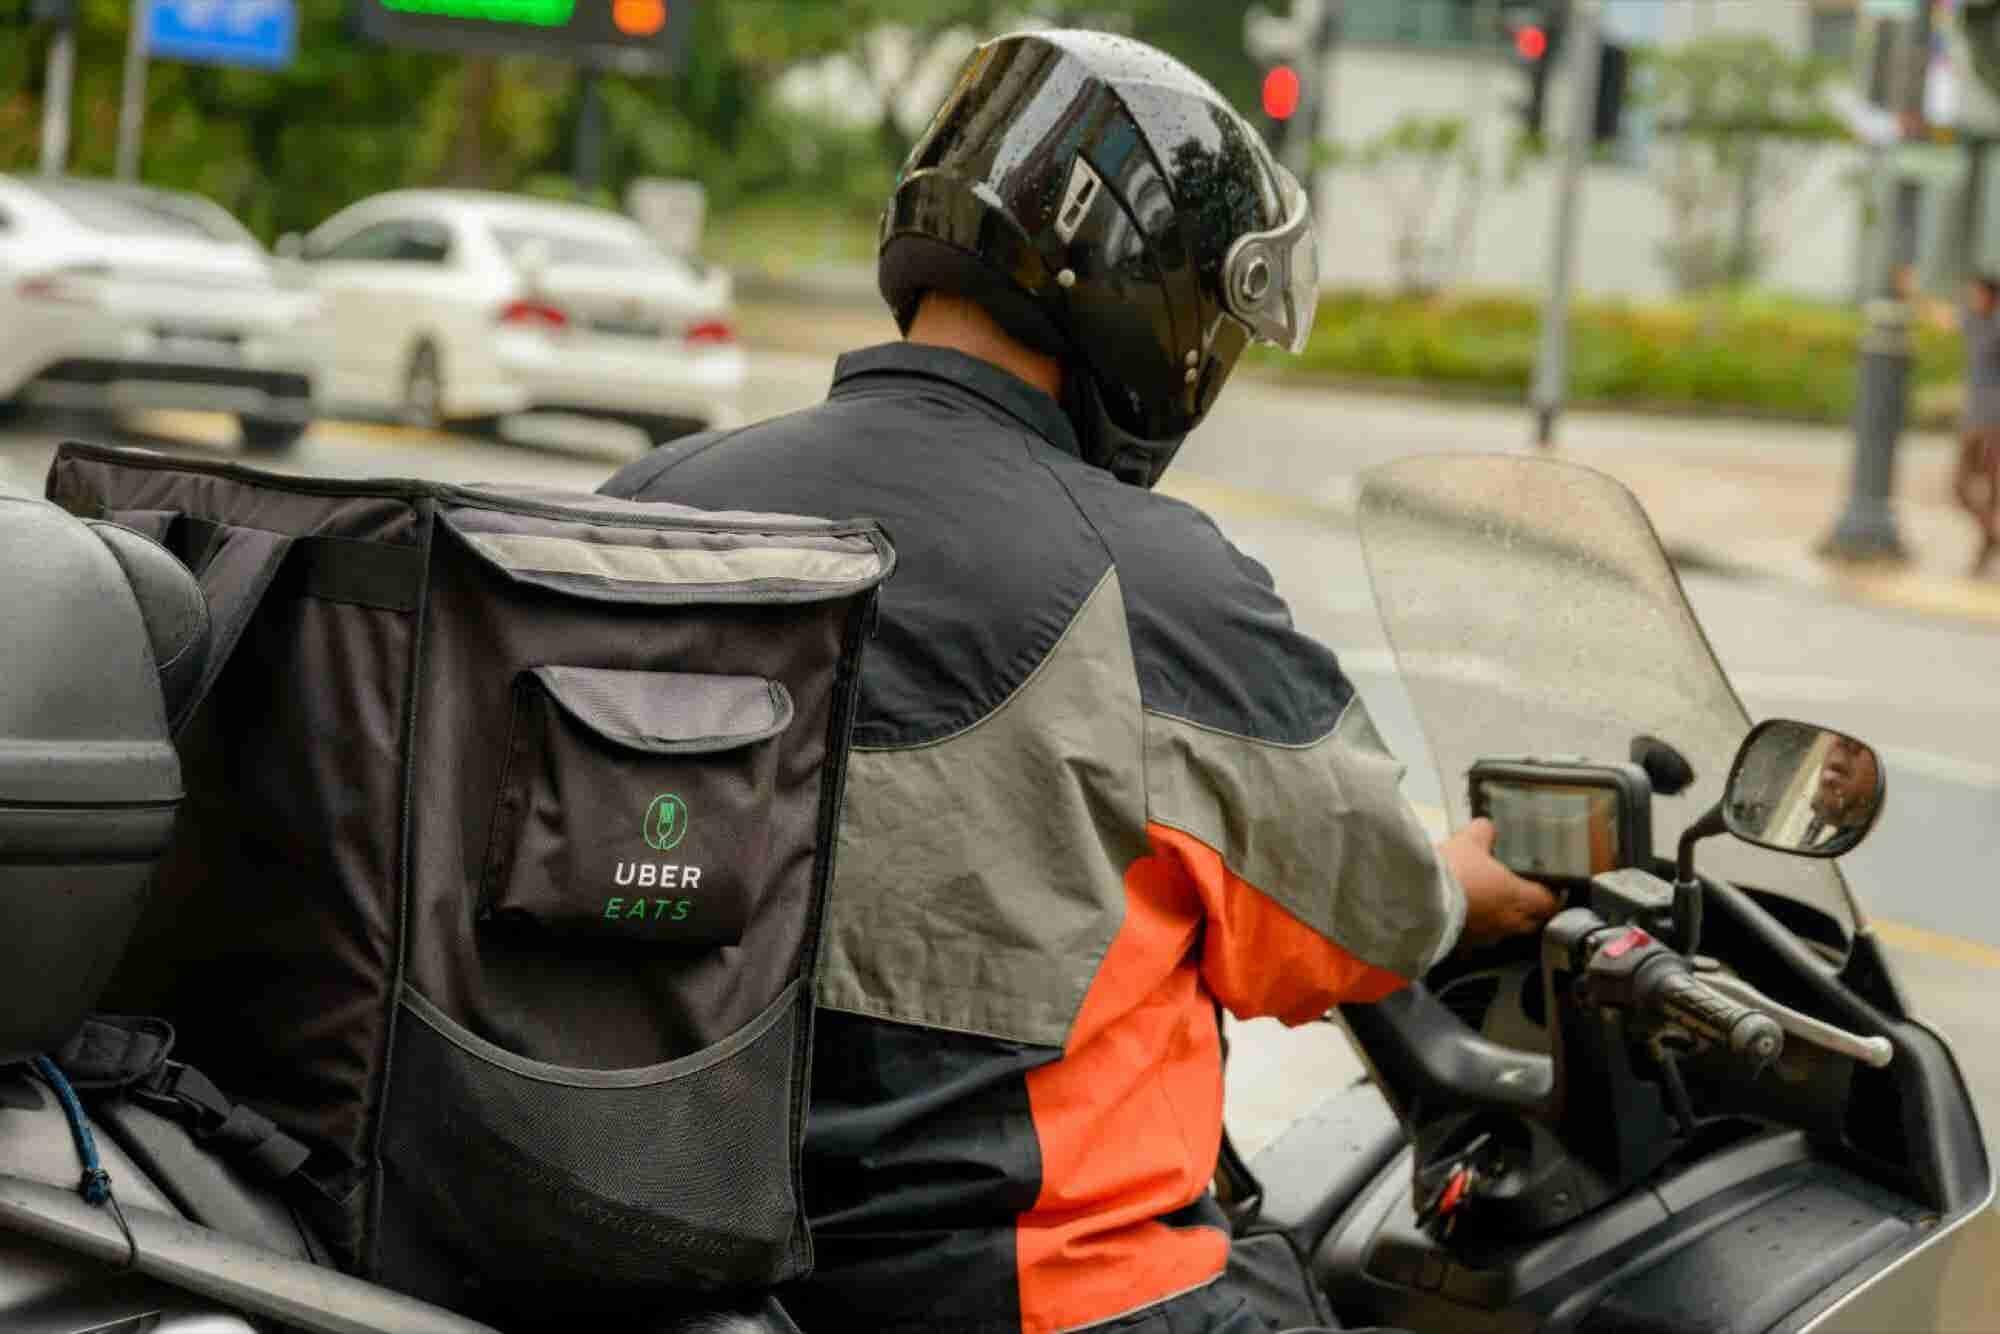 Uber Eats expande sus horizontes en territorio mexicano